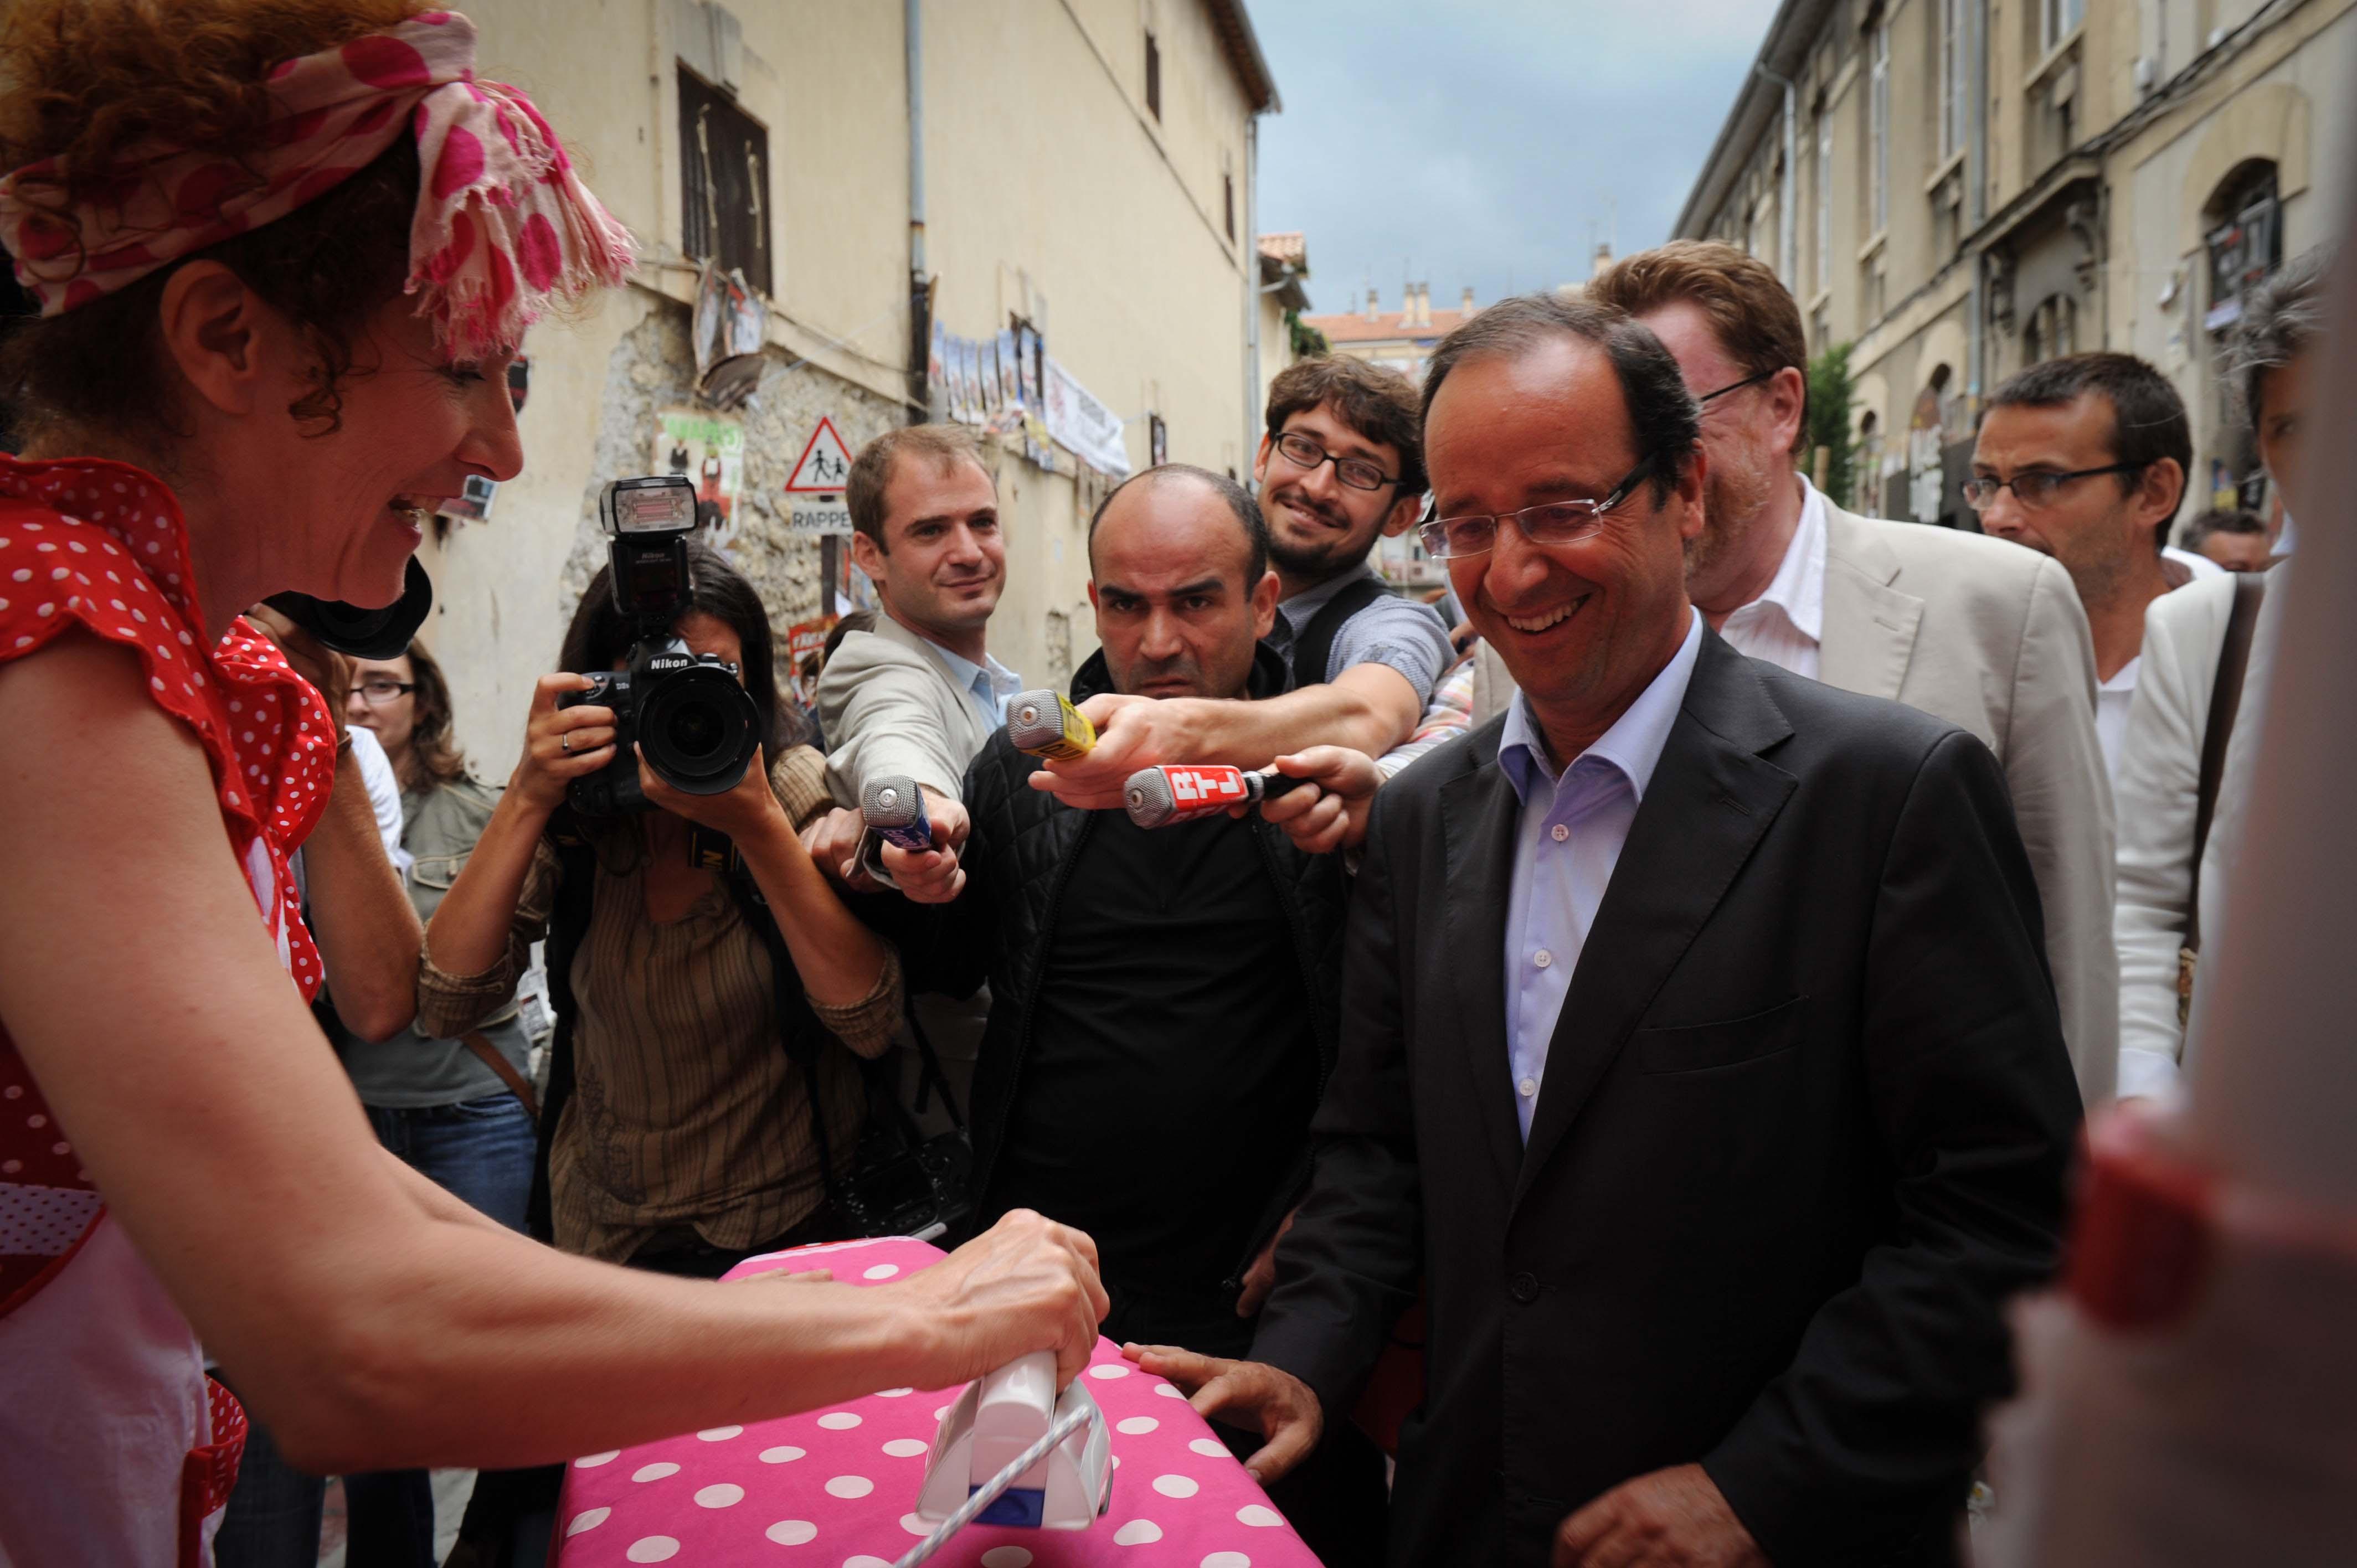 rencontre gay marseille 13002 à Avignon